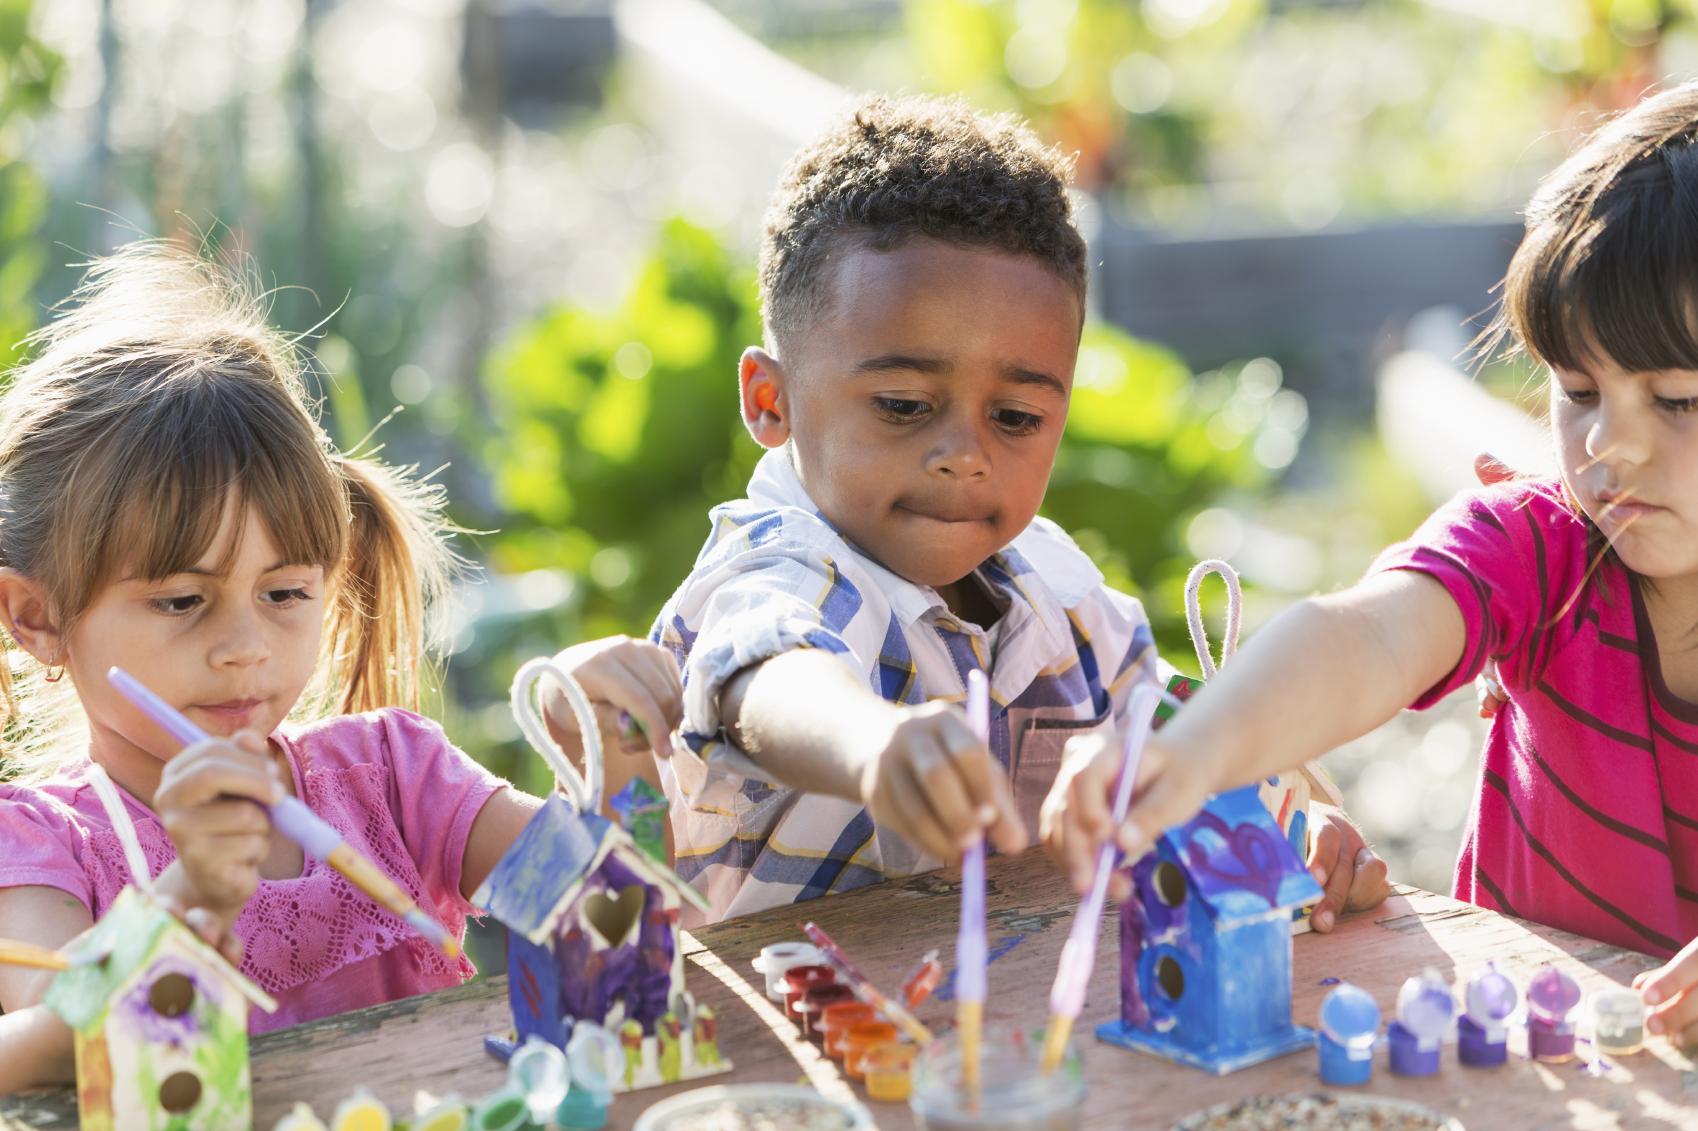 kindergarten way of the future